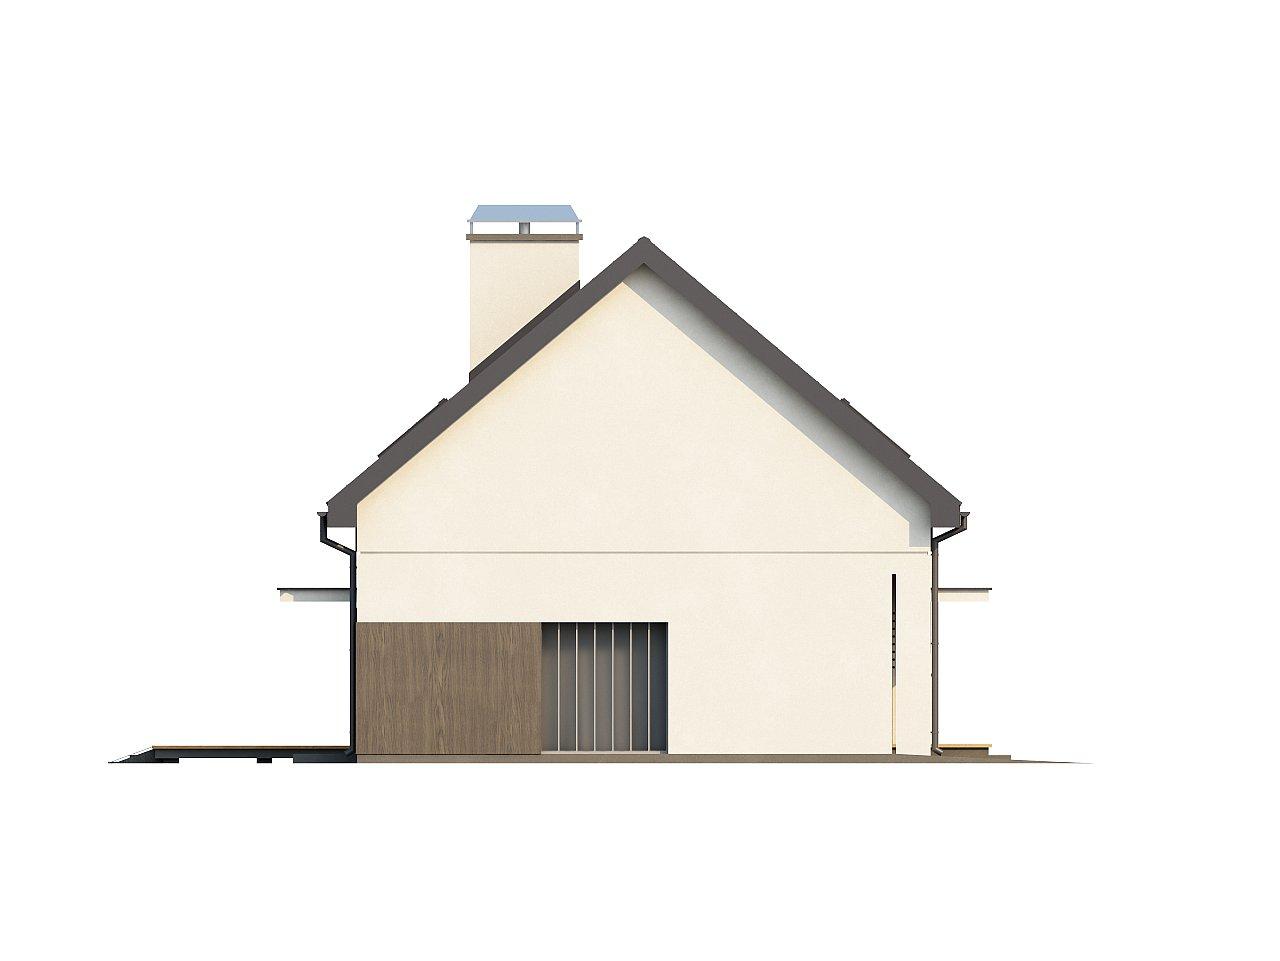 Функциональный традиционный дом с современными элементами в архитектуре, со встроенным гаражом. 15